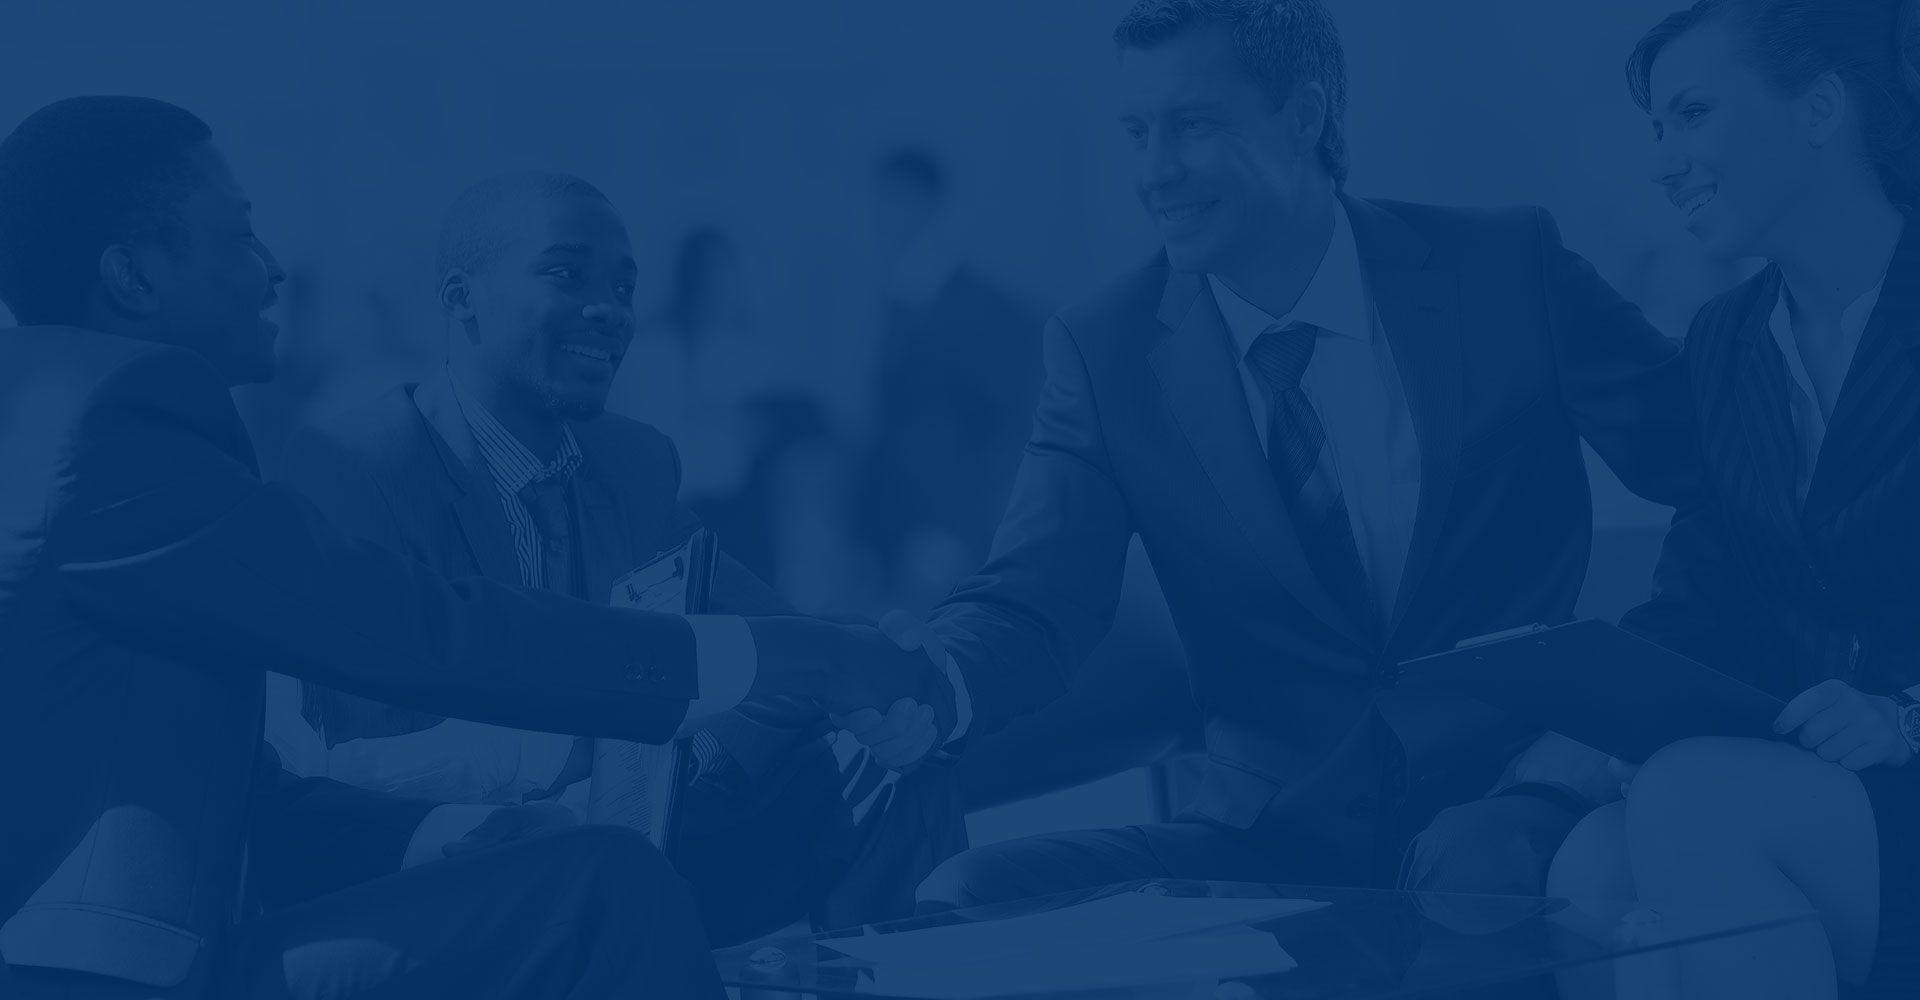 Asesoría Legal, Contable y Financiera para tu empresa